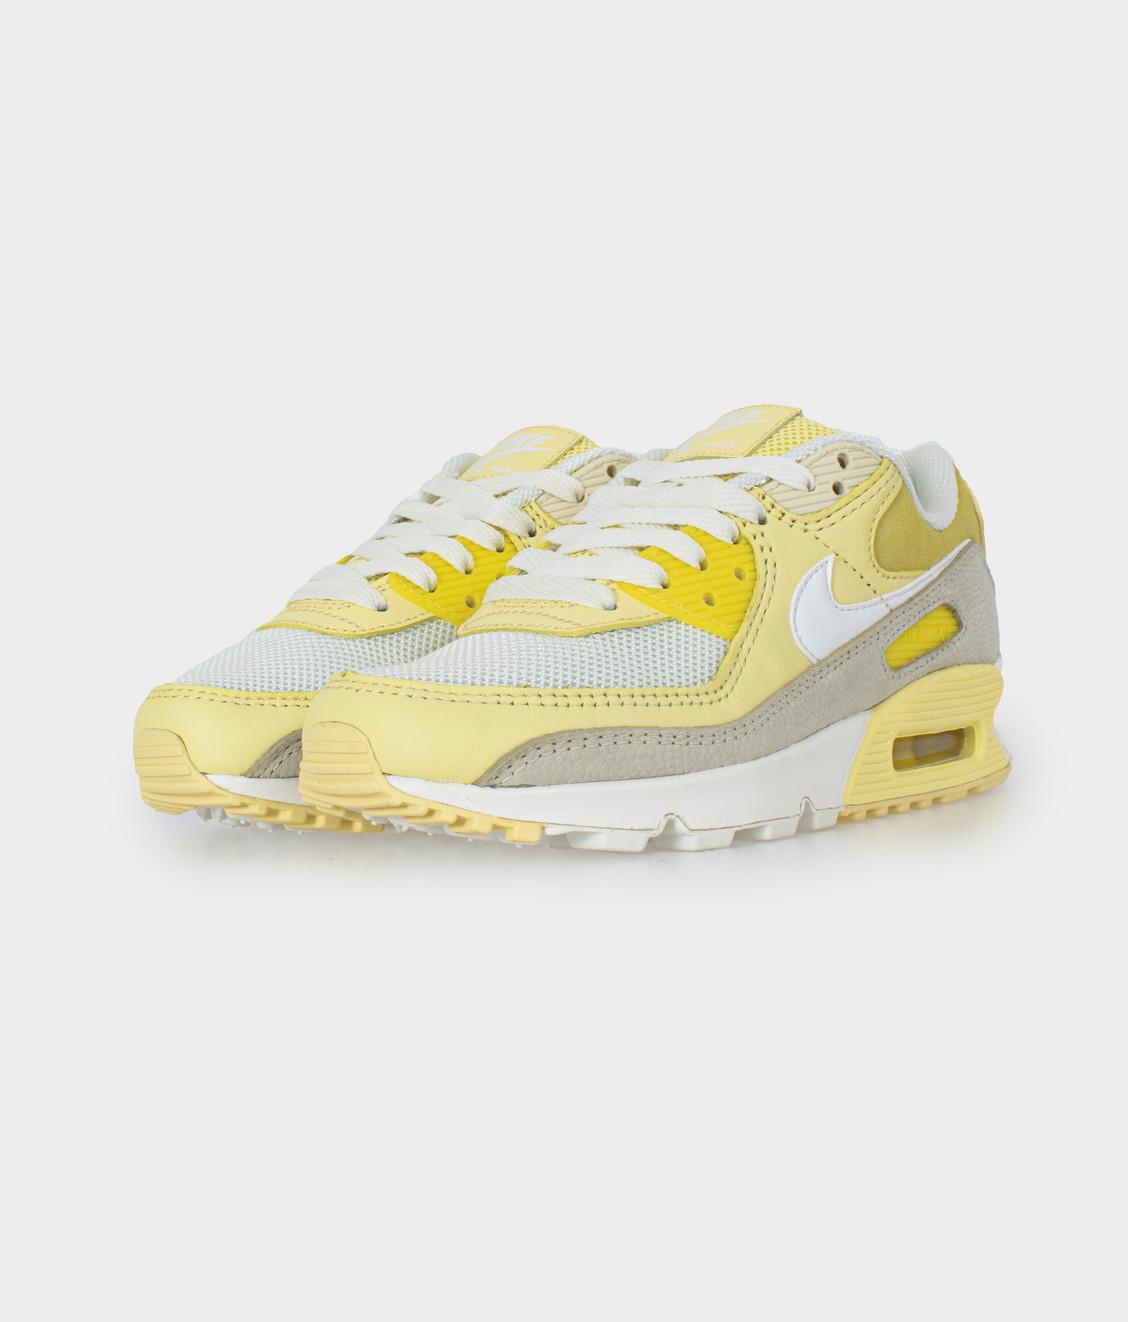 Nike Nike Air Max 90 Opti Yellow Lemon